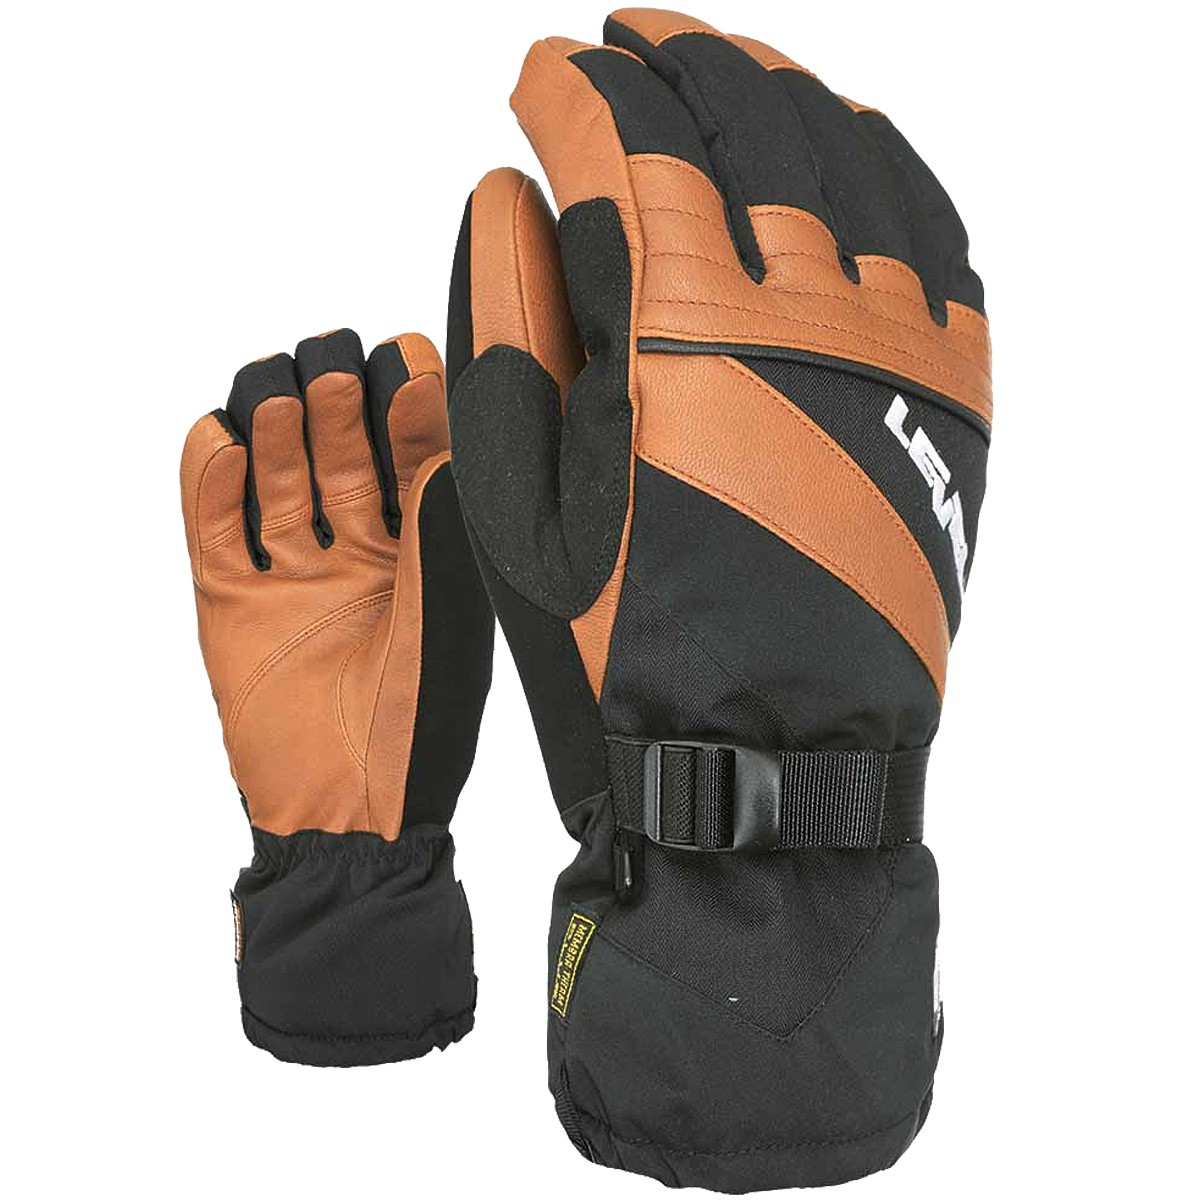 gants ski level patrol homme gants ski sur botteroski. Black Bedroom Furniture Sets. Home Design Ideas